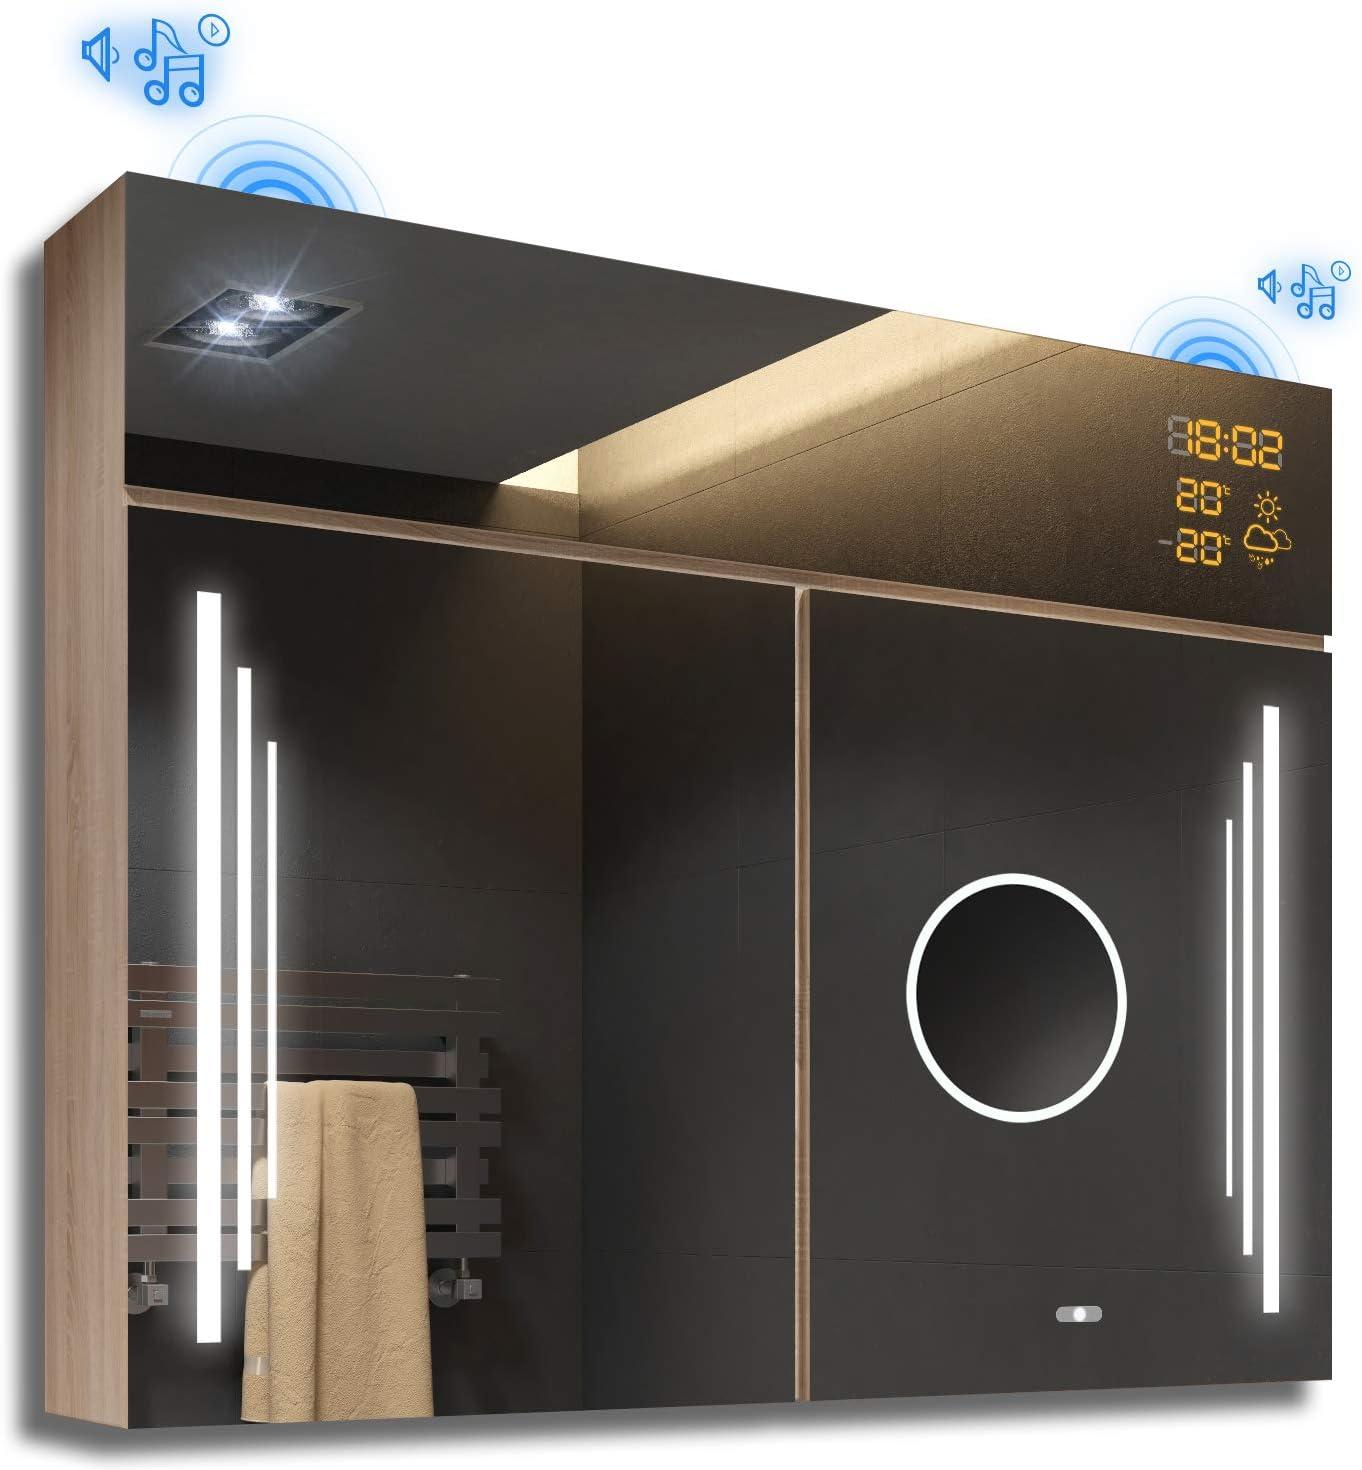 Artforma Spiegelschrank Mit Led Beleuchtung Anpassen 66 X 72 X 17